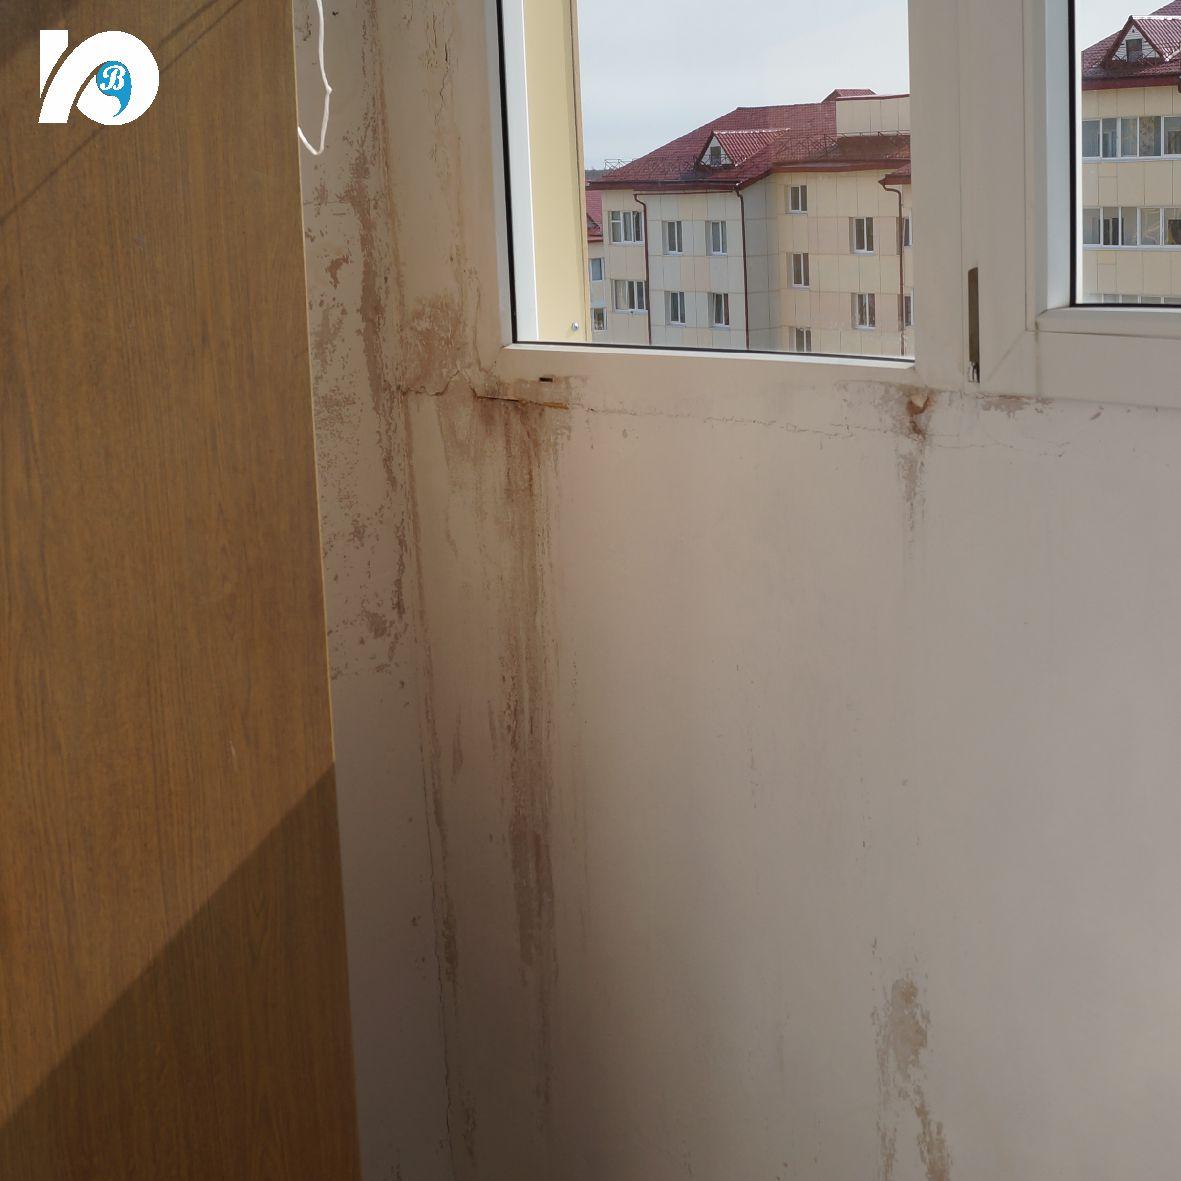 Глава города и депутаты хотят разобраться, почему стены промерзают, а счетчики врут. Промерзающие балконы, нехватка парковочных мест и контейнерных площадок – это лишь часть проблем, которые успели обсудить глава Югорска Андрей Бородкин и депутаты Михаил Бодак и Ирина Данилова во время обхода микрорайона «Авалон».